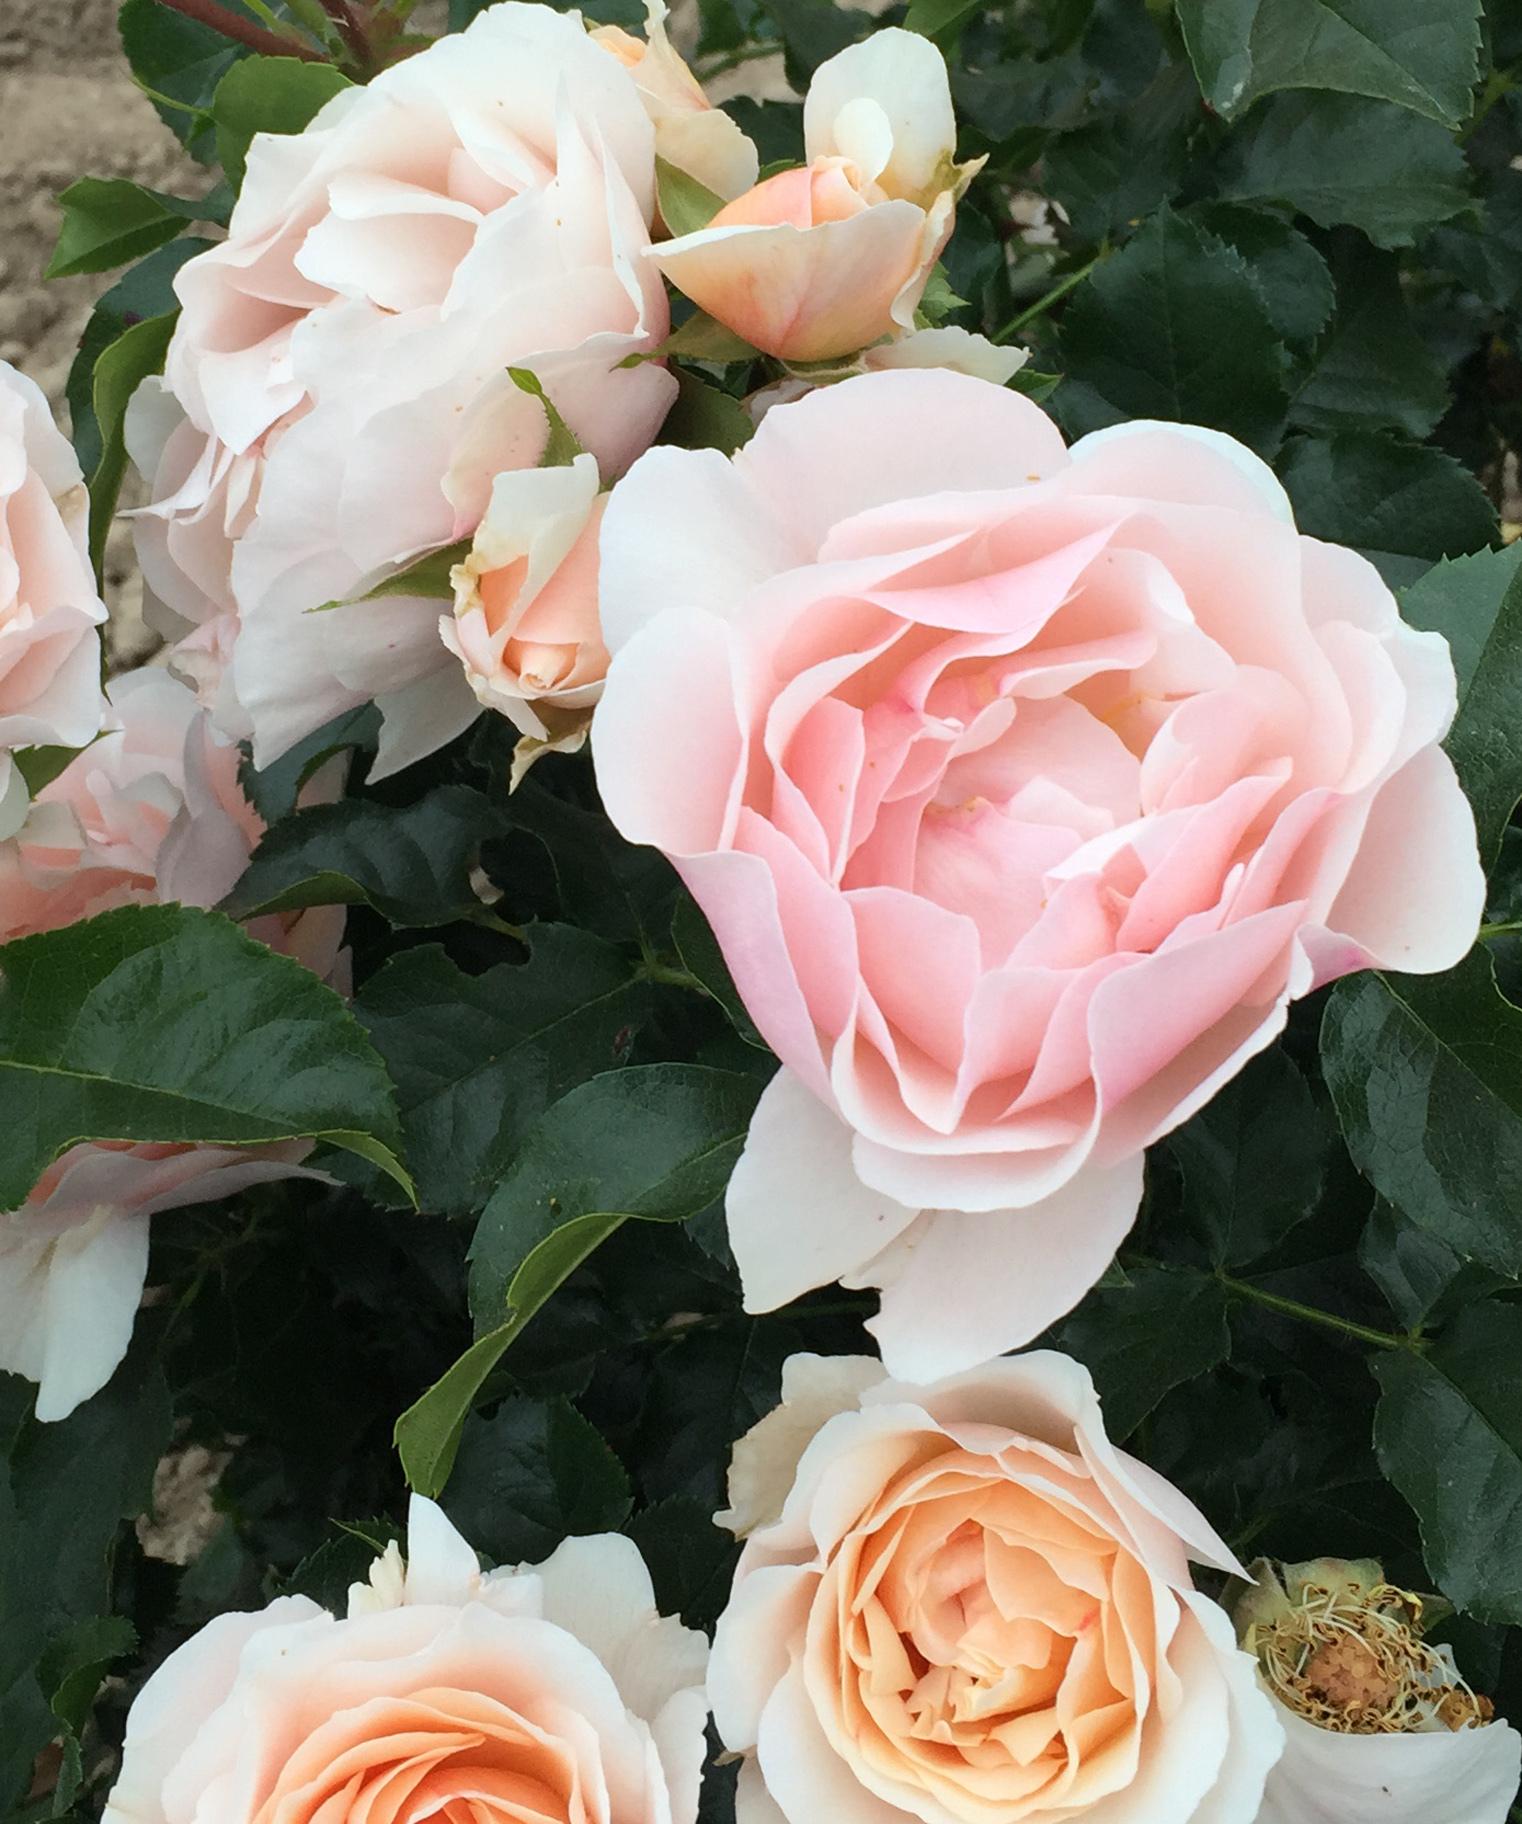 d2c10b49e614e ... le rosier Jardin des Tuileries®delcréor a reçu la médaille d'or au concours  international de roses de Baden-Baden, ainsi que le prix du parfum à celui  ...